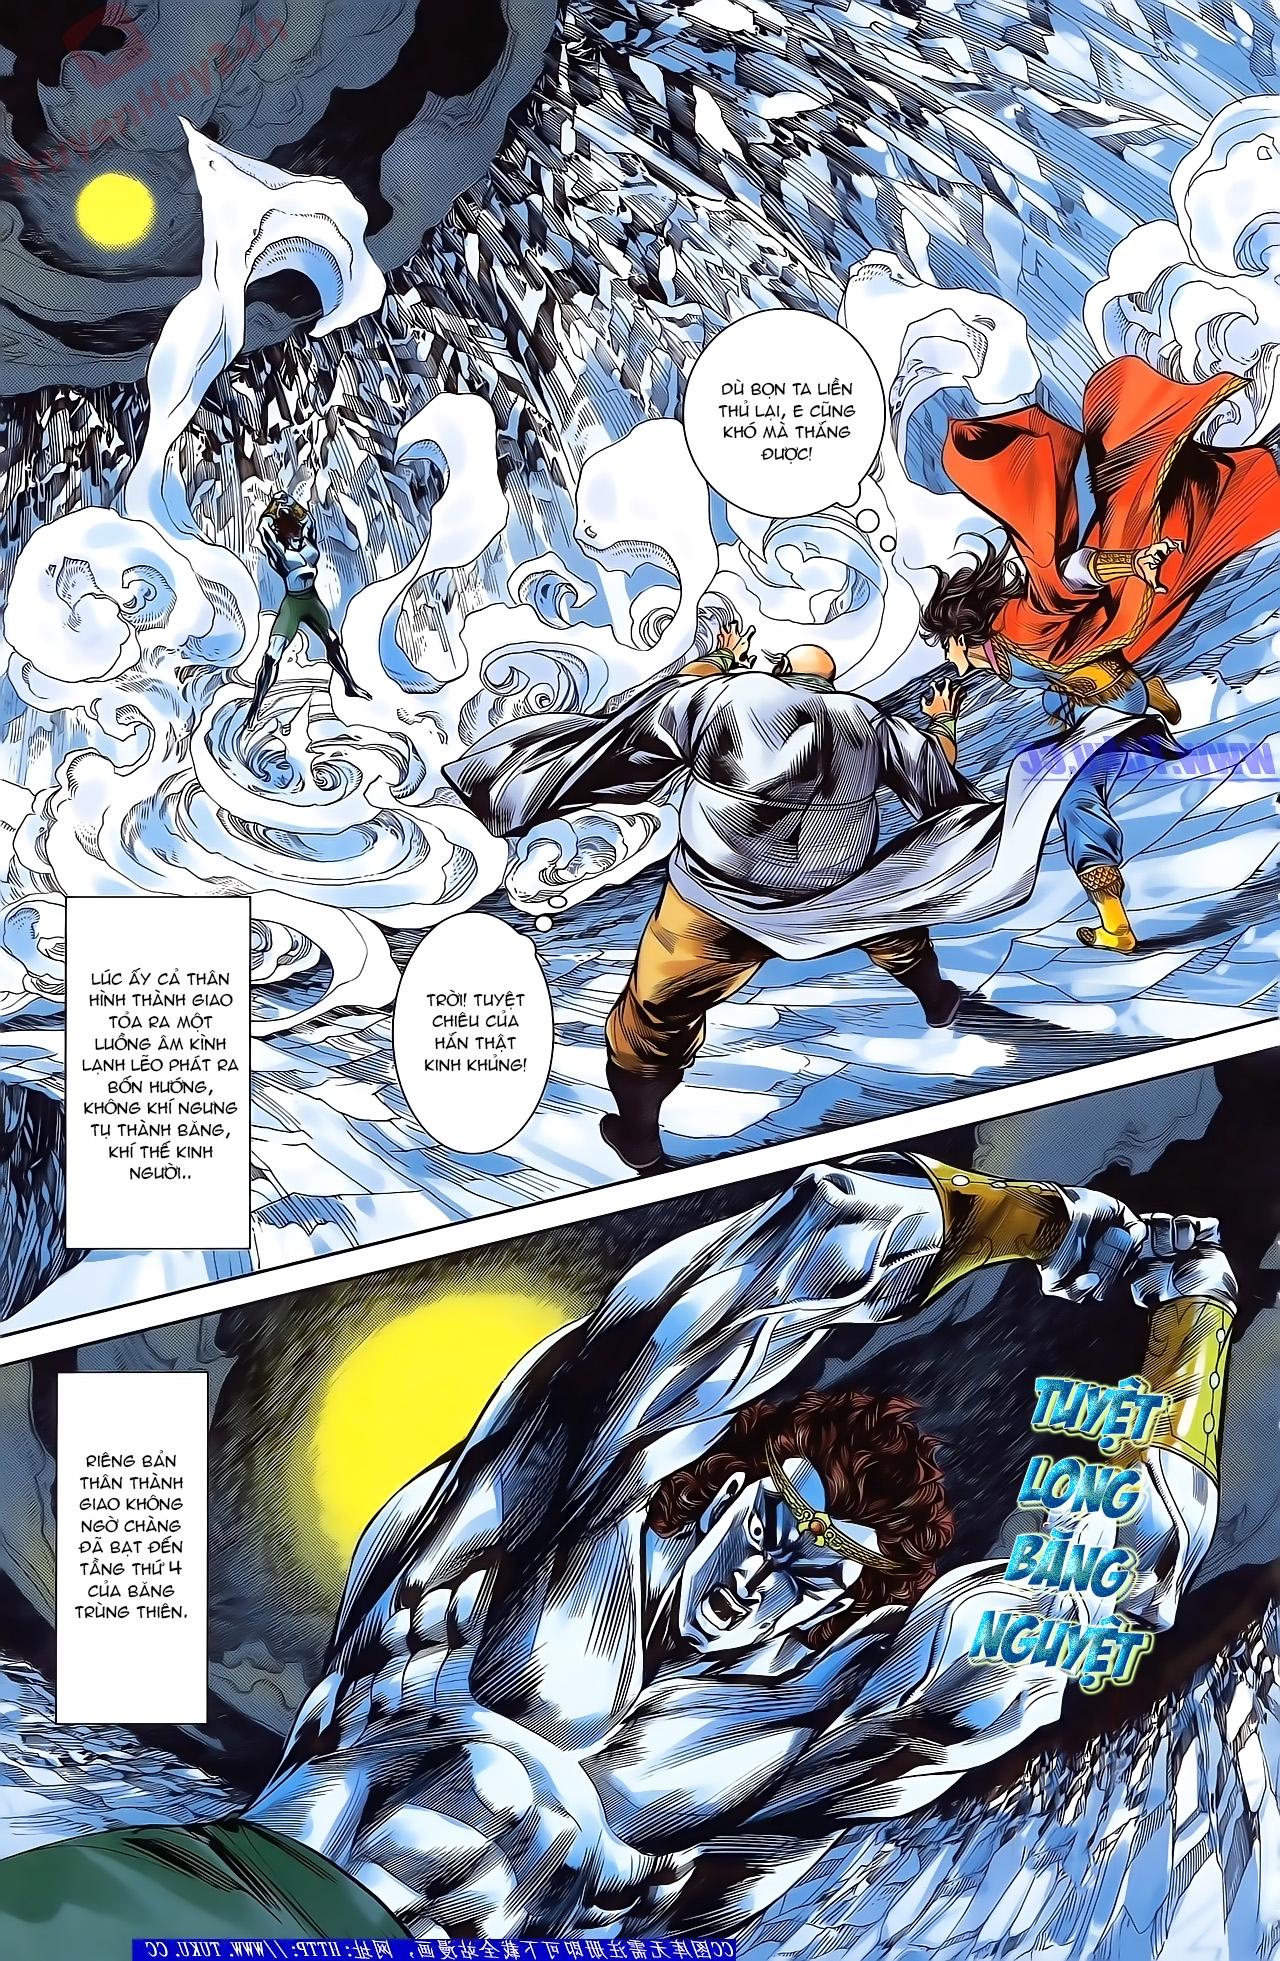 Tần Vương Doanh Chính chapter 45 trang 10